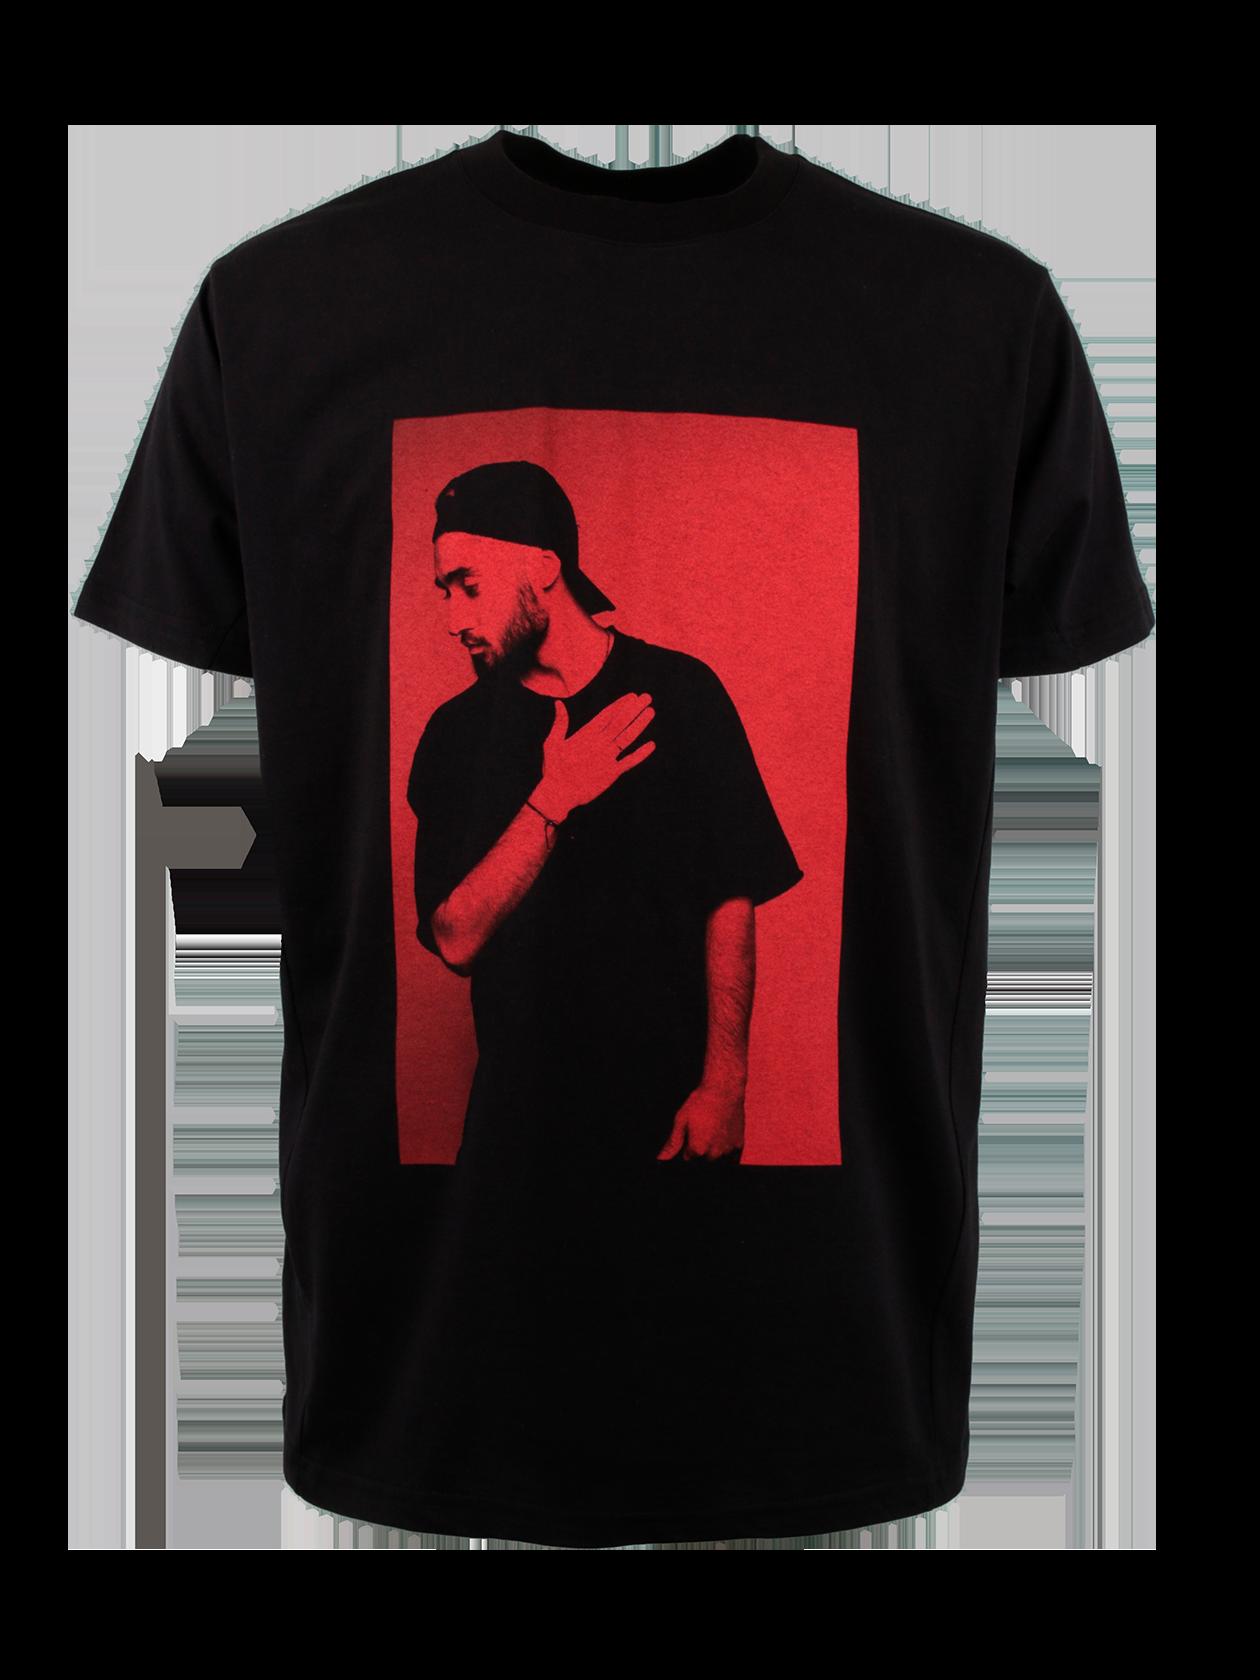 Футболка унисекс MOT STELET REDФутболка унисекс Mot Stelet Red из нового мерча Мота – стильная вещь для создания уникального стиля. Модель лаконичного дизайна выполнена в черном цвете. Удлиненный свободный силуэт дополнен широким коротким рукавом. Неглубокая горловина с эластичной окантовкой содержит жаккардовую нашивку с лейблом бренда Black Star Wear. Эффектная фишка изделия – принт с фотографией популярного артиста на красном фоне и небольшая надпись Mot Crocus City Hall 2017 на спине. &amp;nbsp;<br><br>Размер: L<br>Цвет: Черный<br>Пол: Унисекс